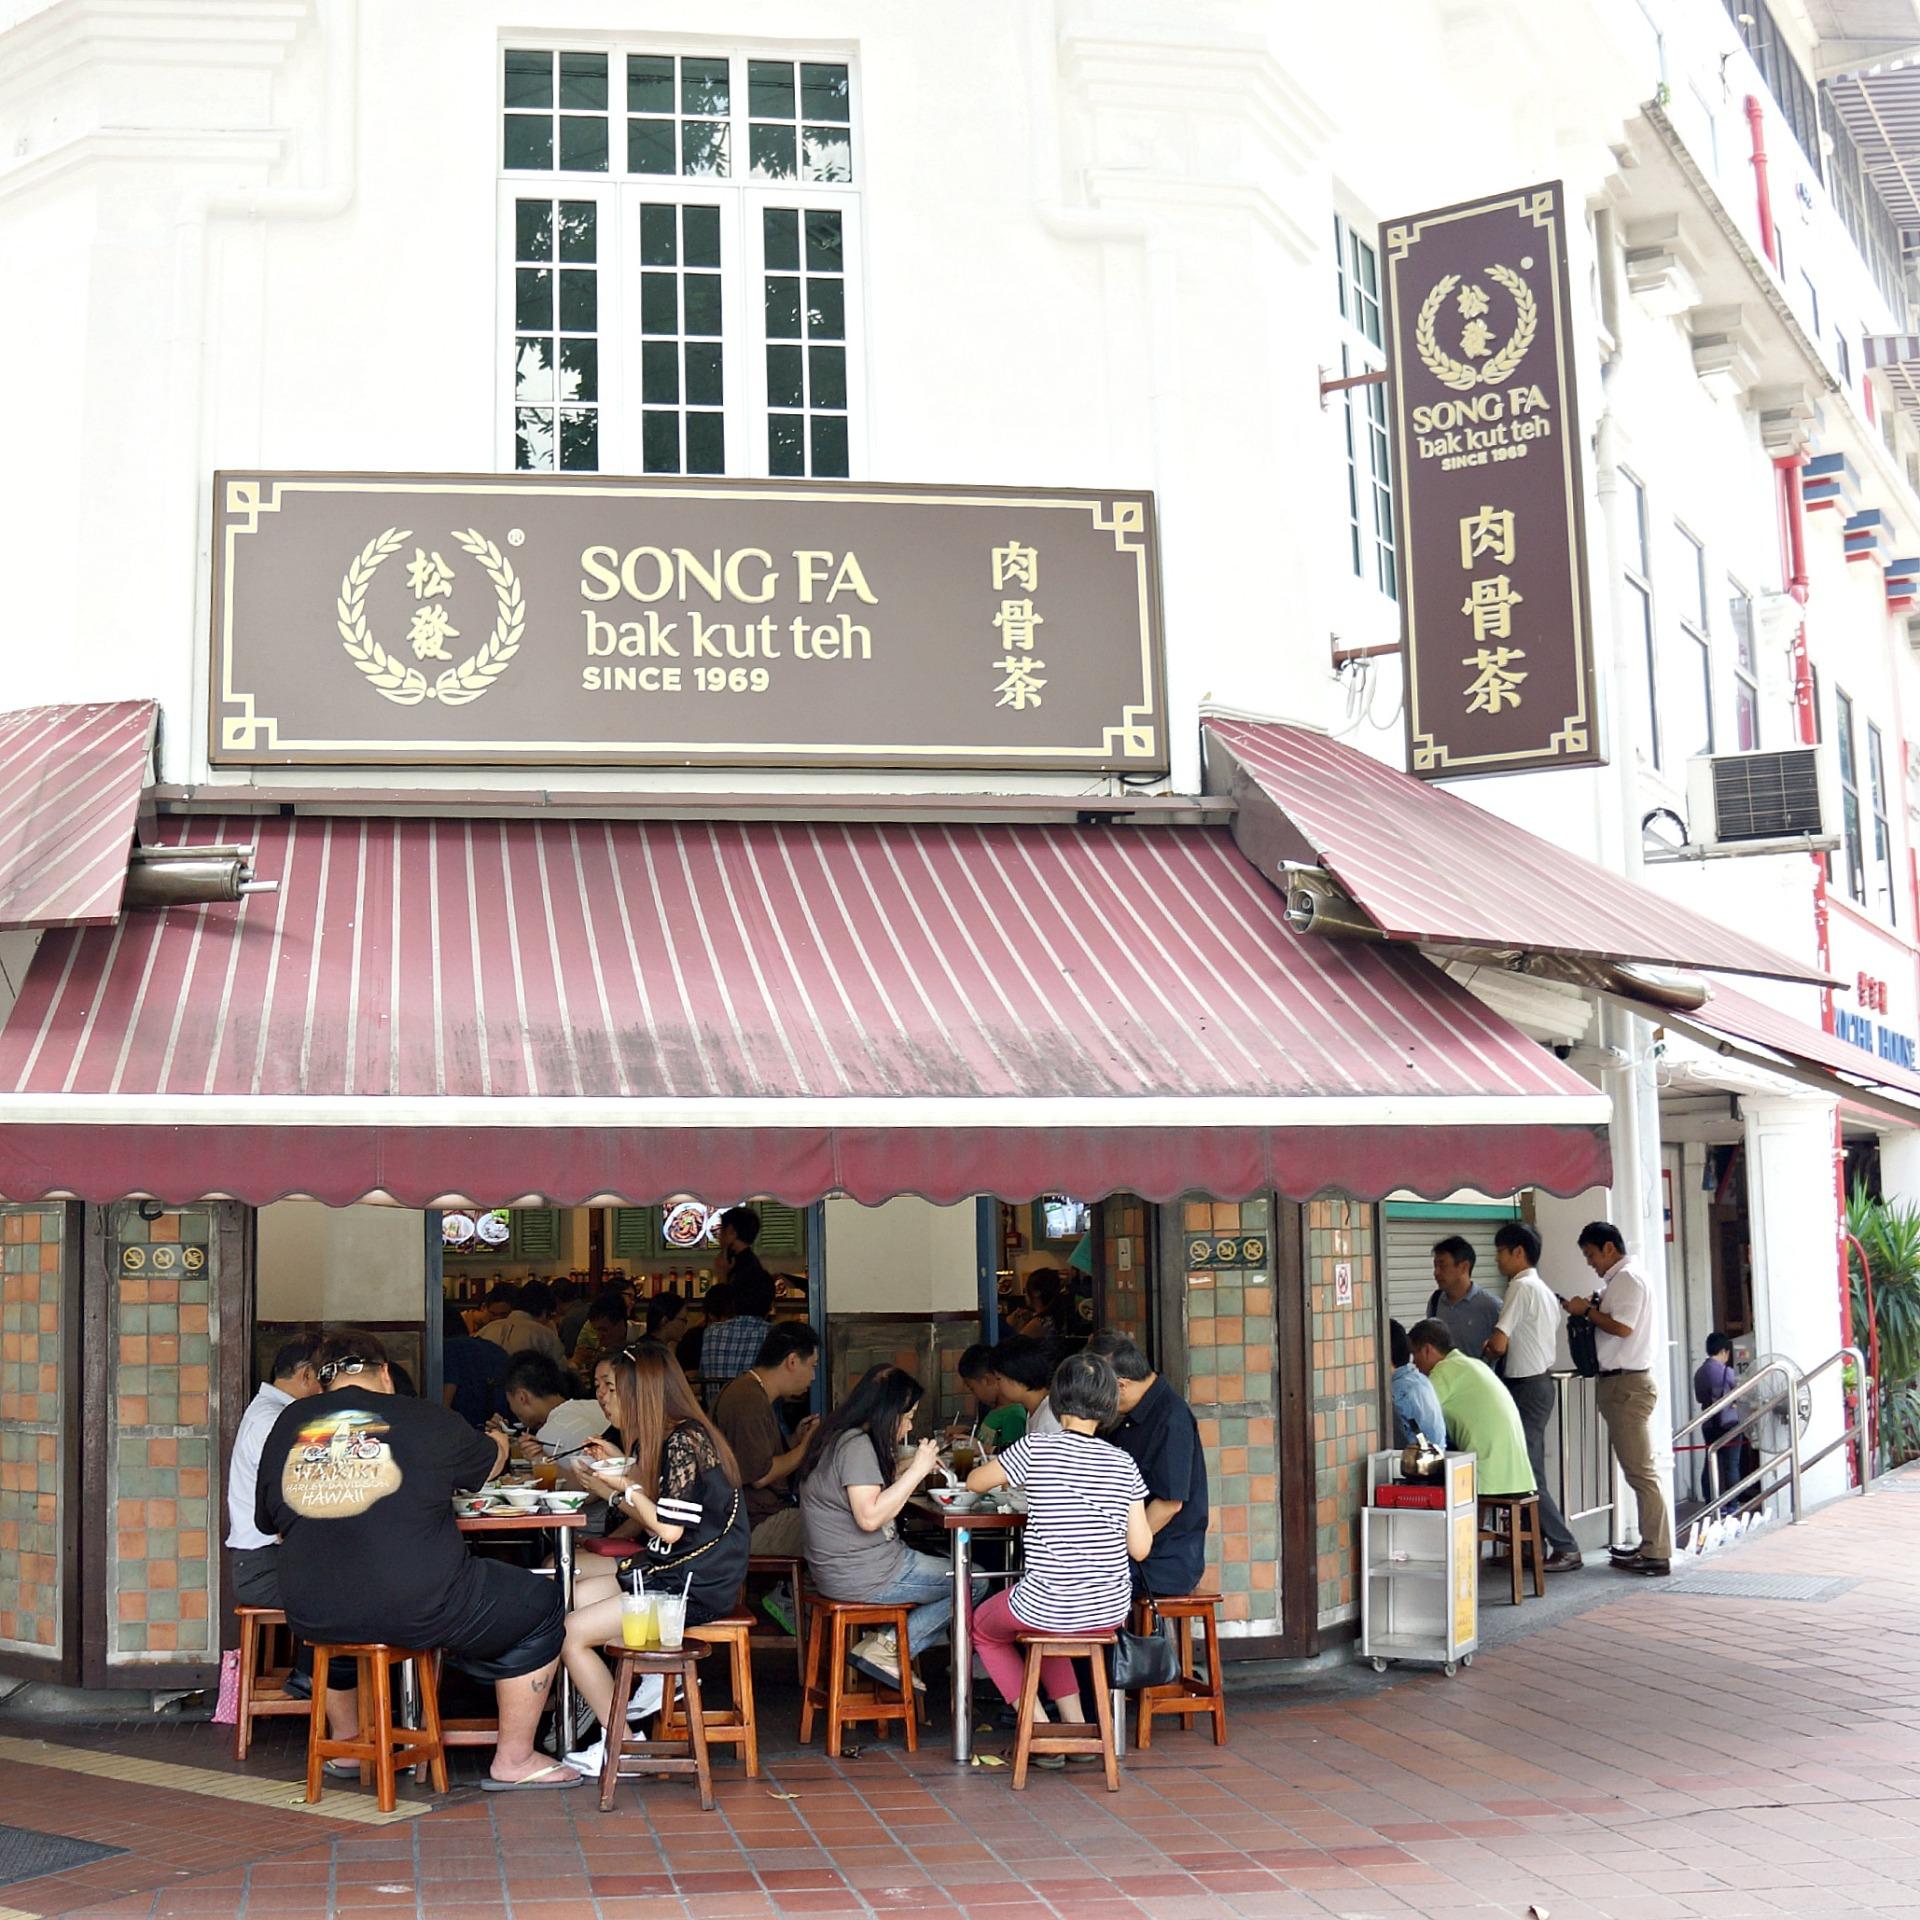 Song Fa Bak Kut Teh Singapore